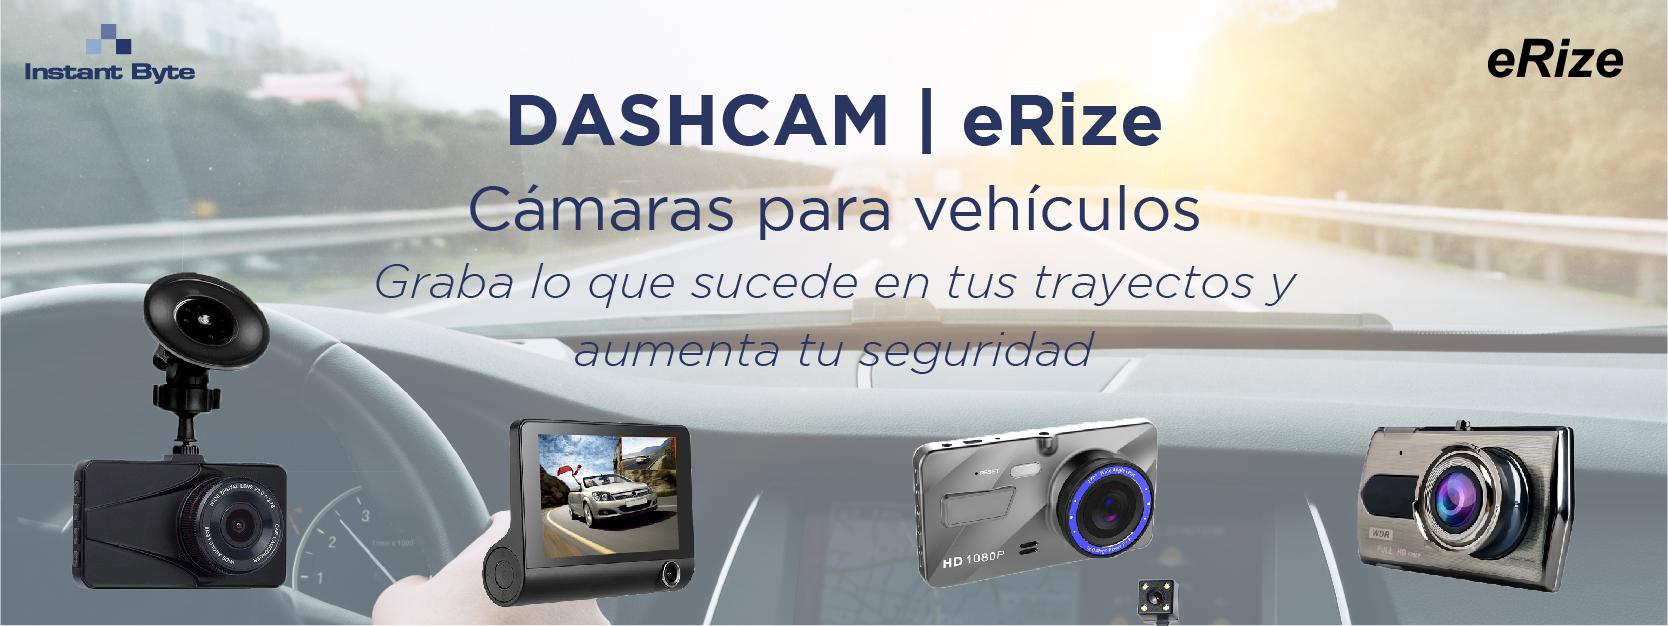 Dashcam de Erize, las cámaras para vehículos que aumentan tu seguridad en carretera